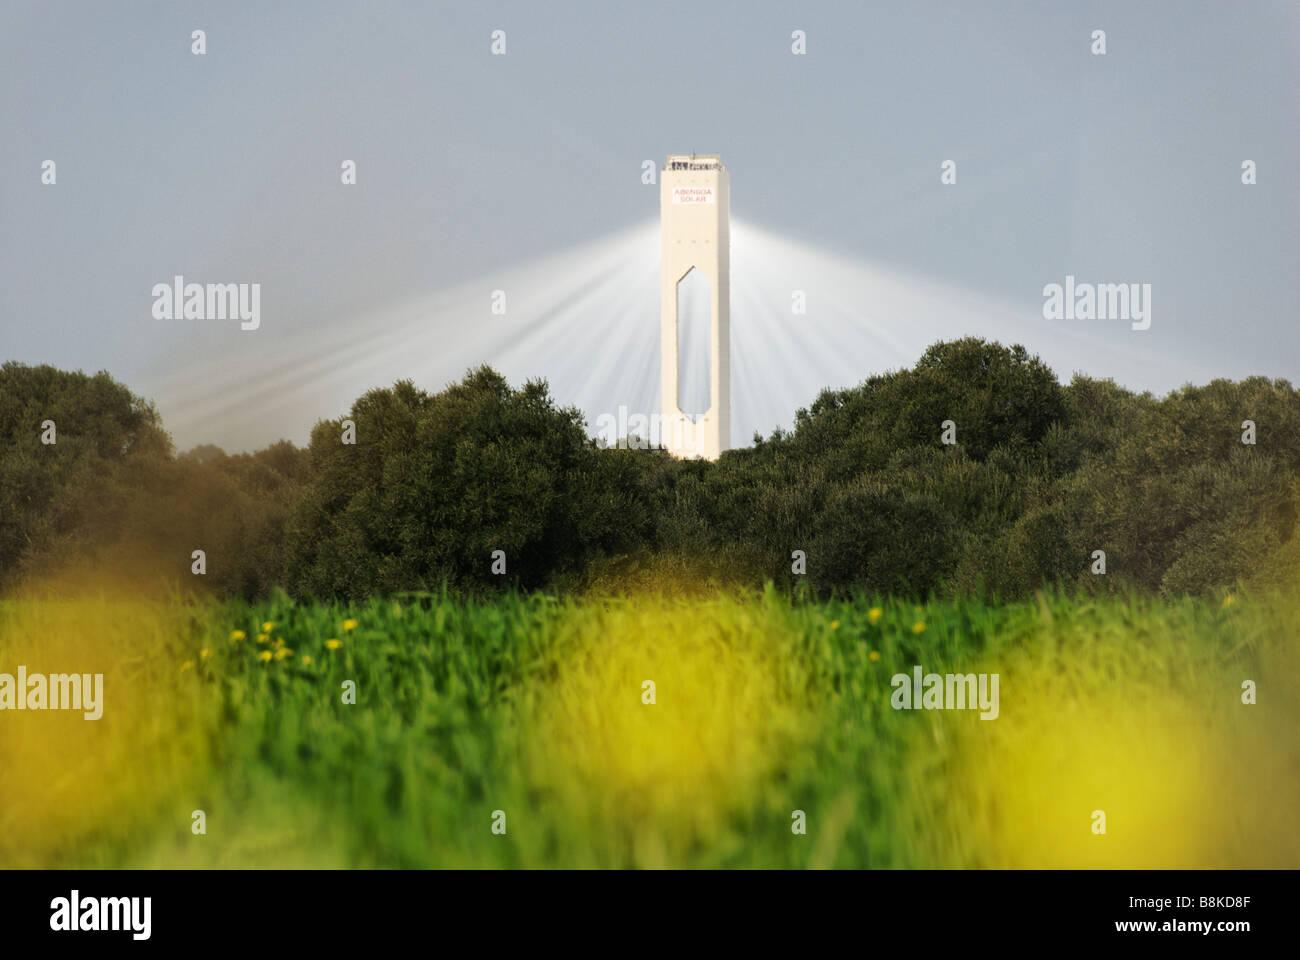 La tour solaire PS10 produit nettoyer le pouvoir thermoélectrique du soleil - Abengoa Solúcar plate-forme Photo Stock